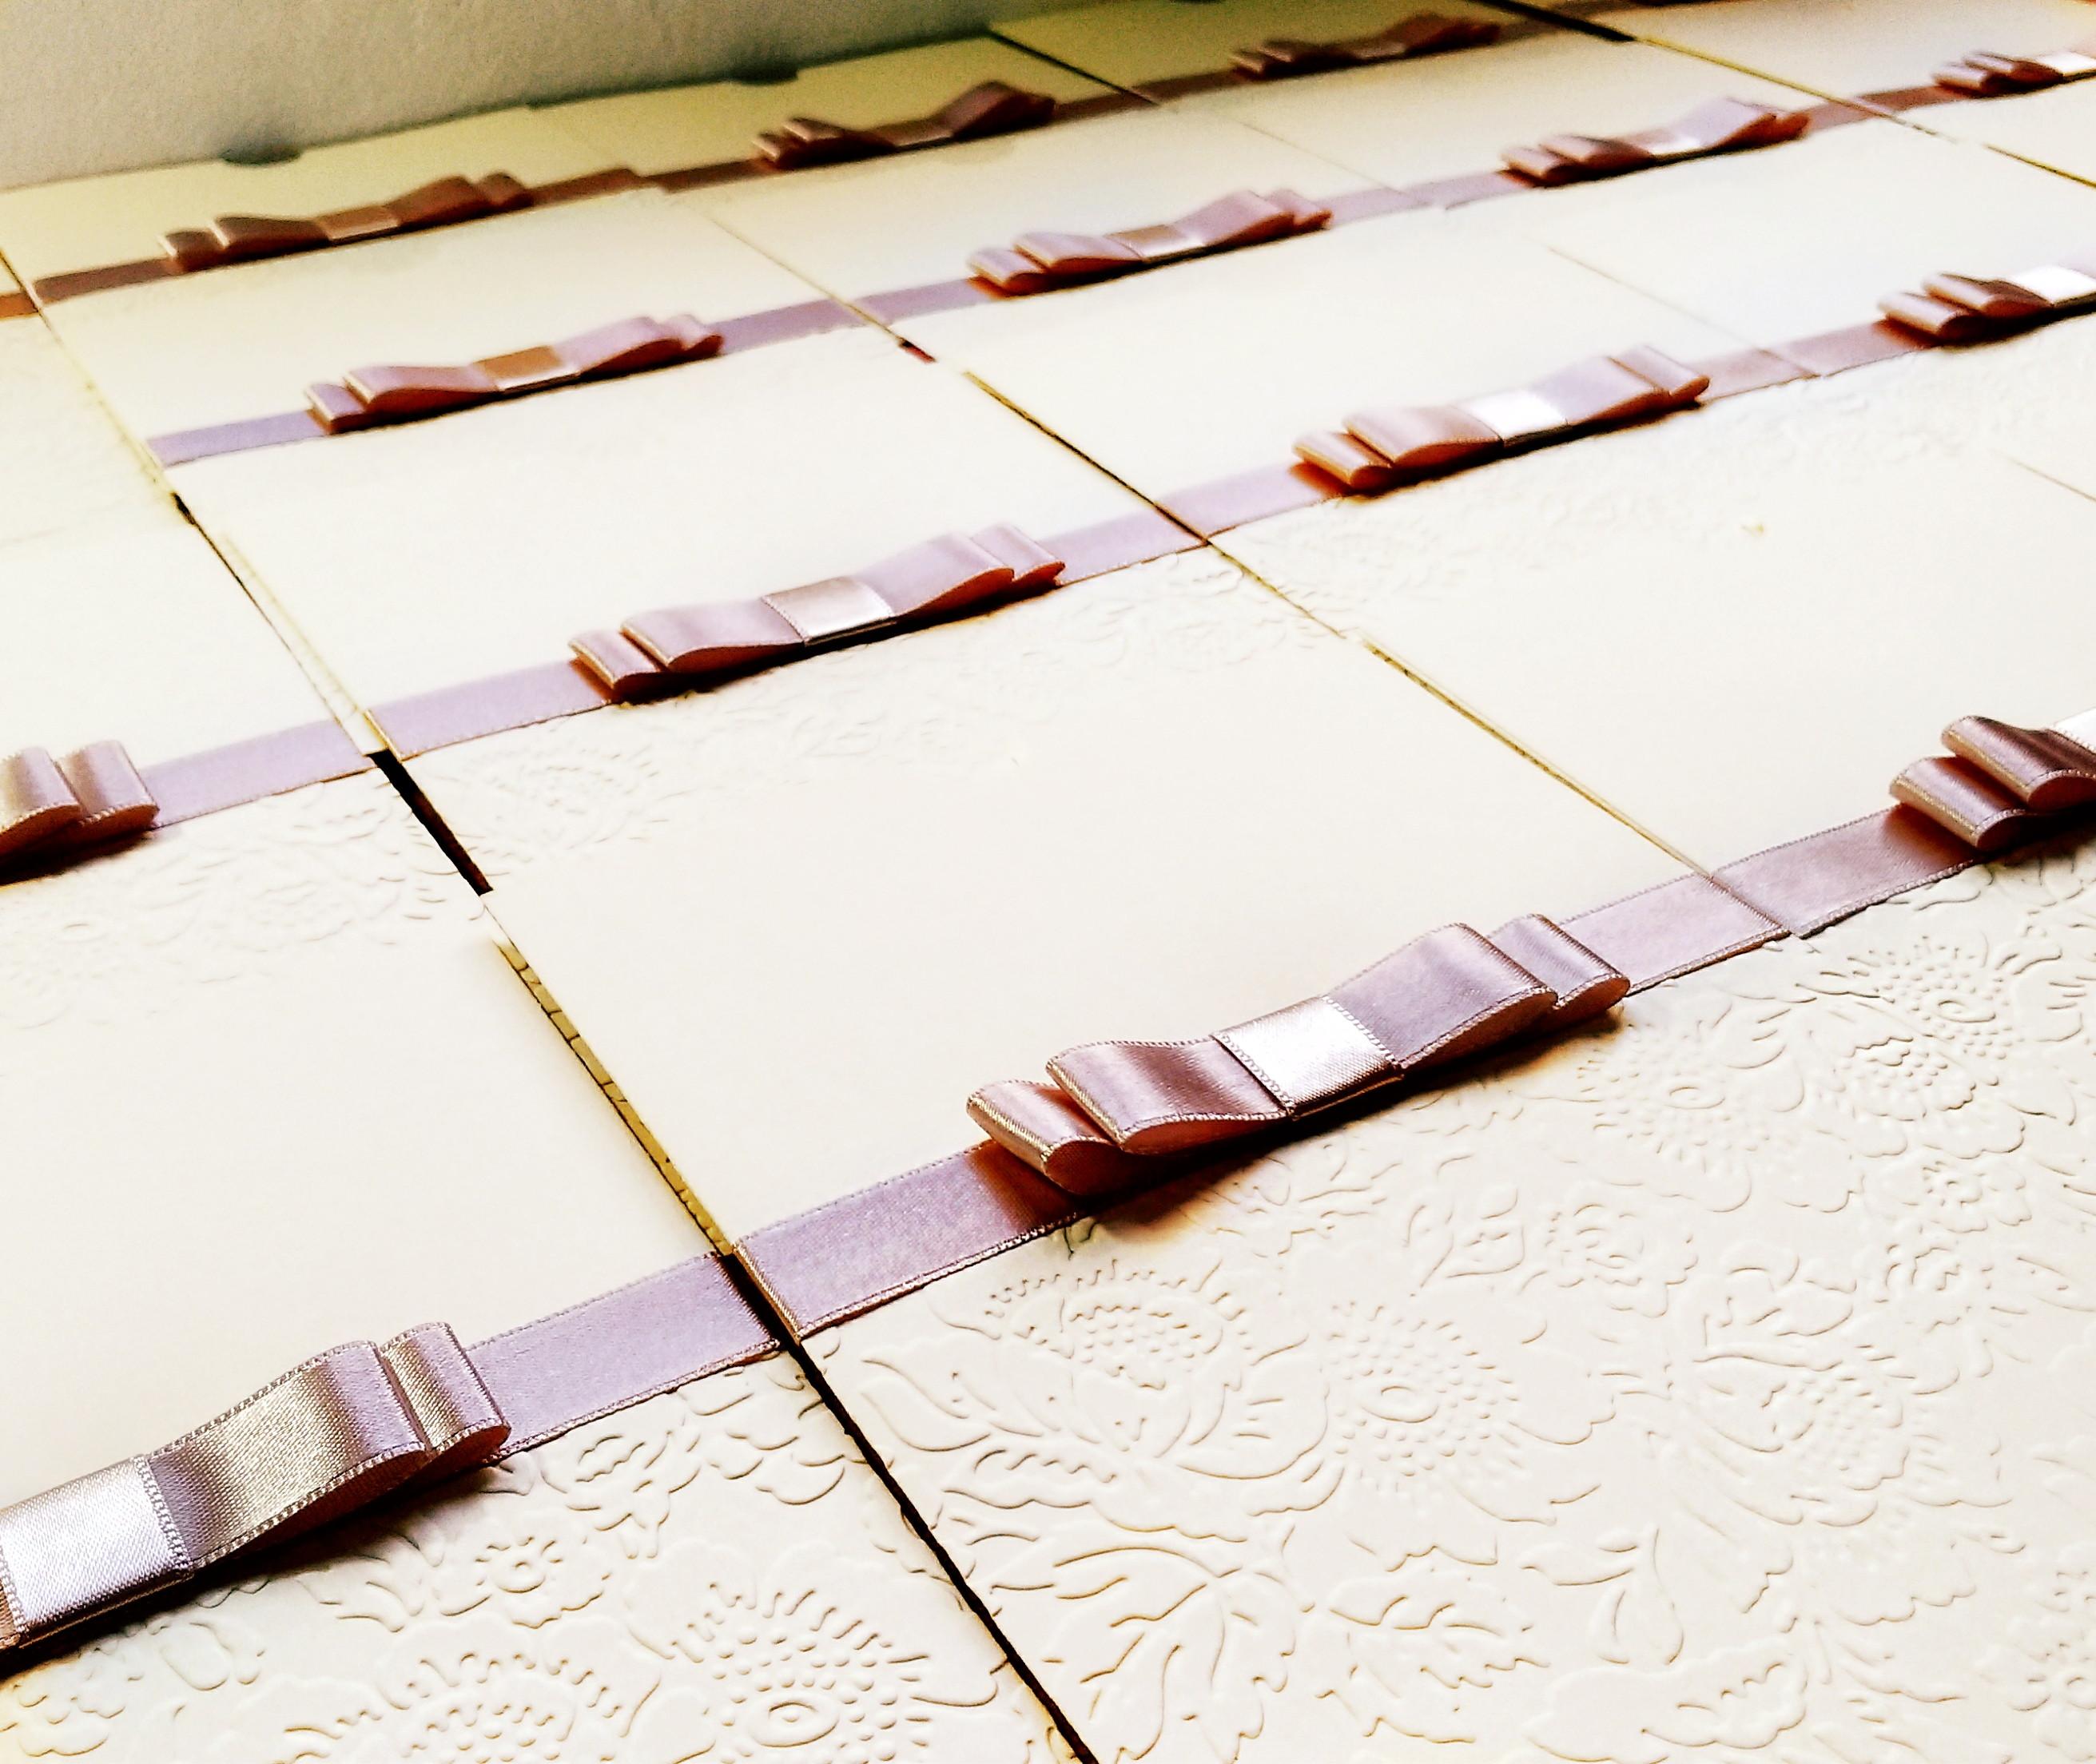 d577e243f11 Envelope Luva Relevo Seco Laço Chanel Papel Vergê no Elo7